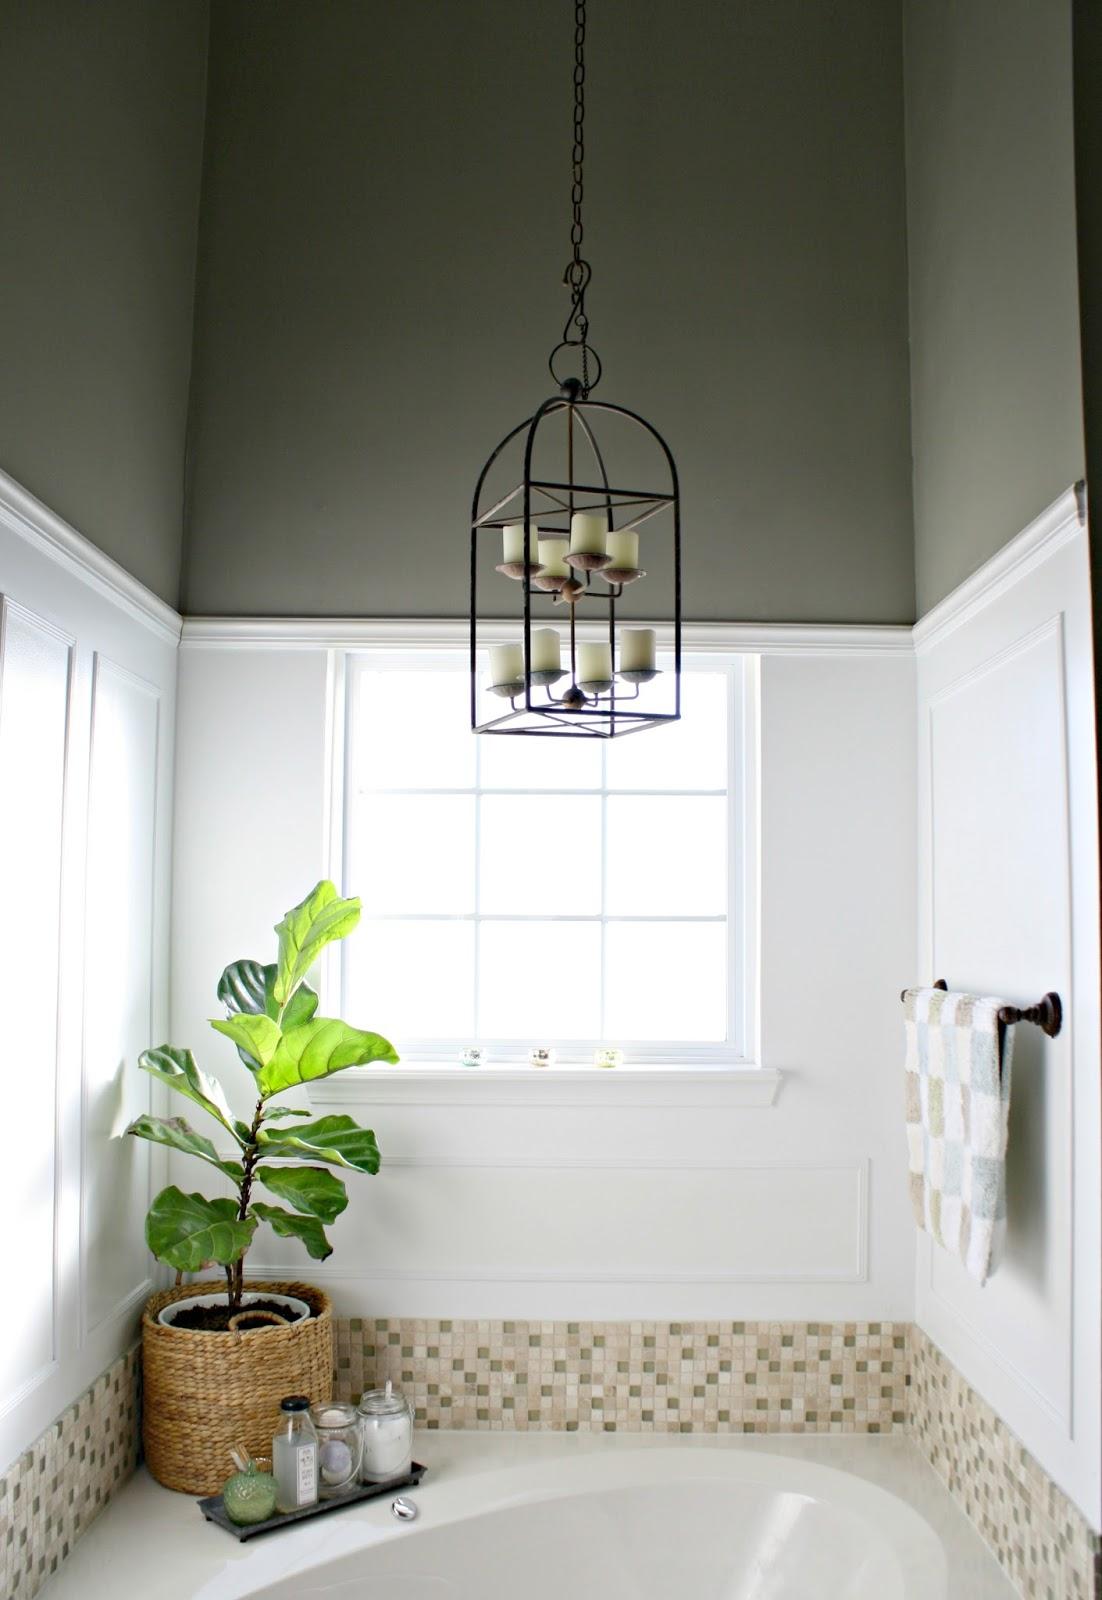 Spa Look In Bathroom